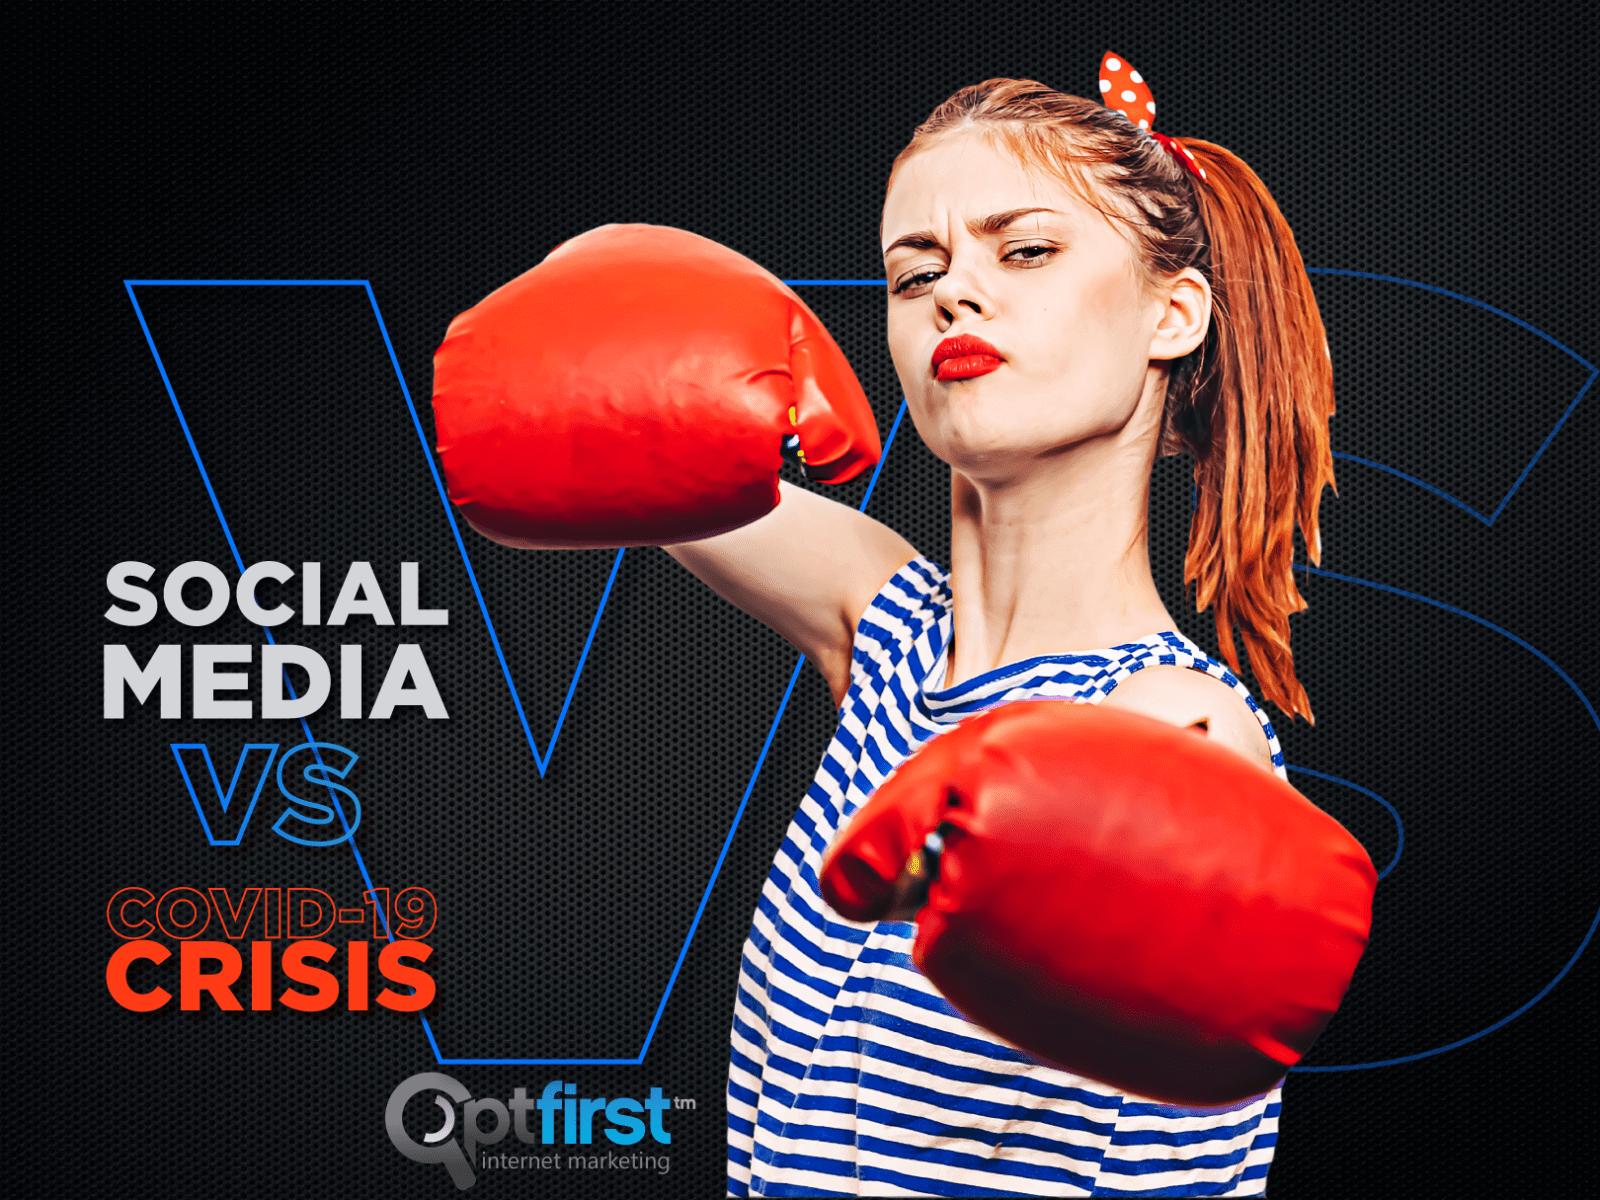 Social Media vs. COVID-19 Crisis